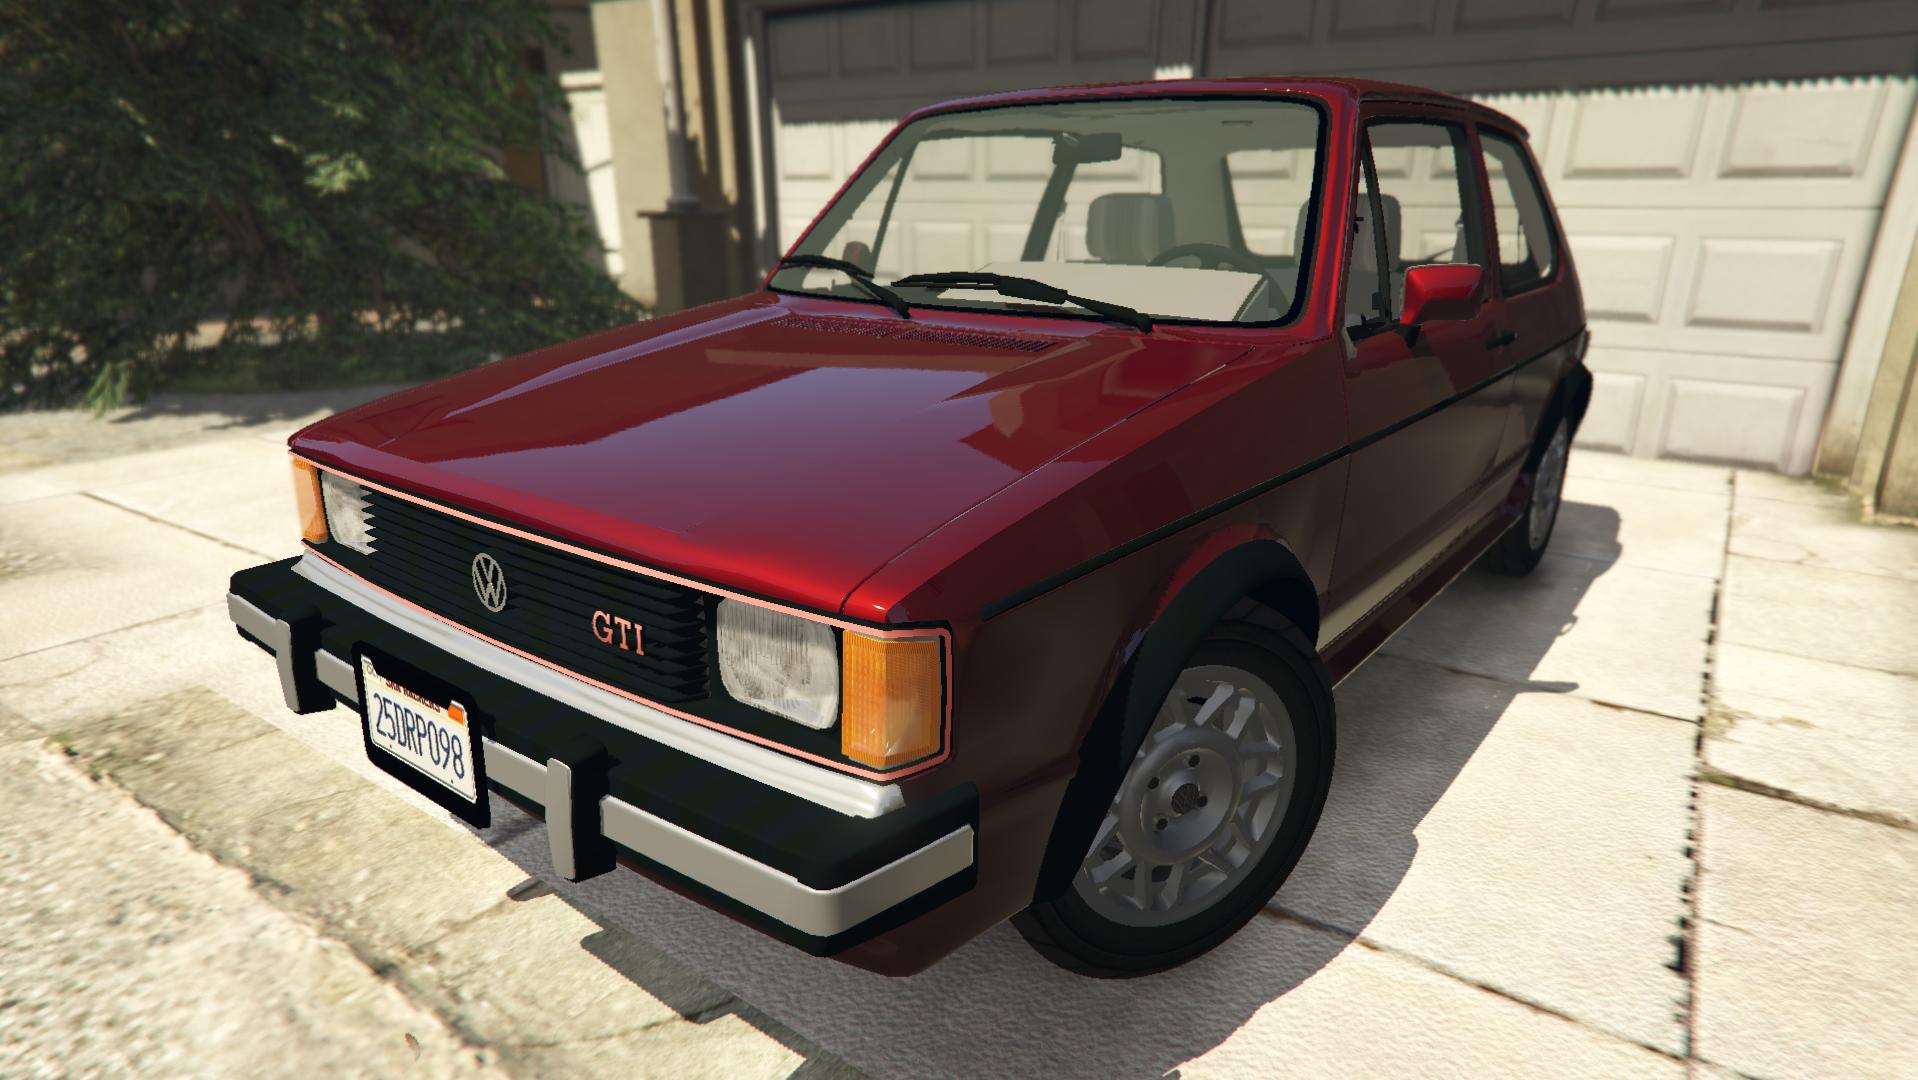 Volkswagen Rabbit 1986 для GTA V - Скриншот 1